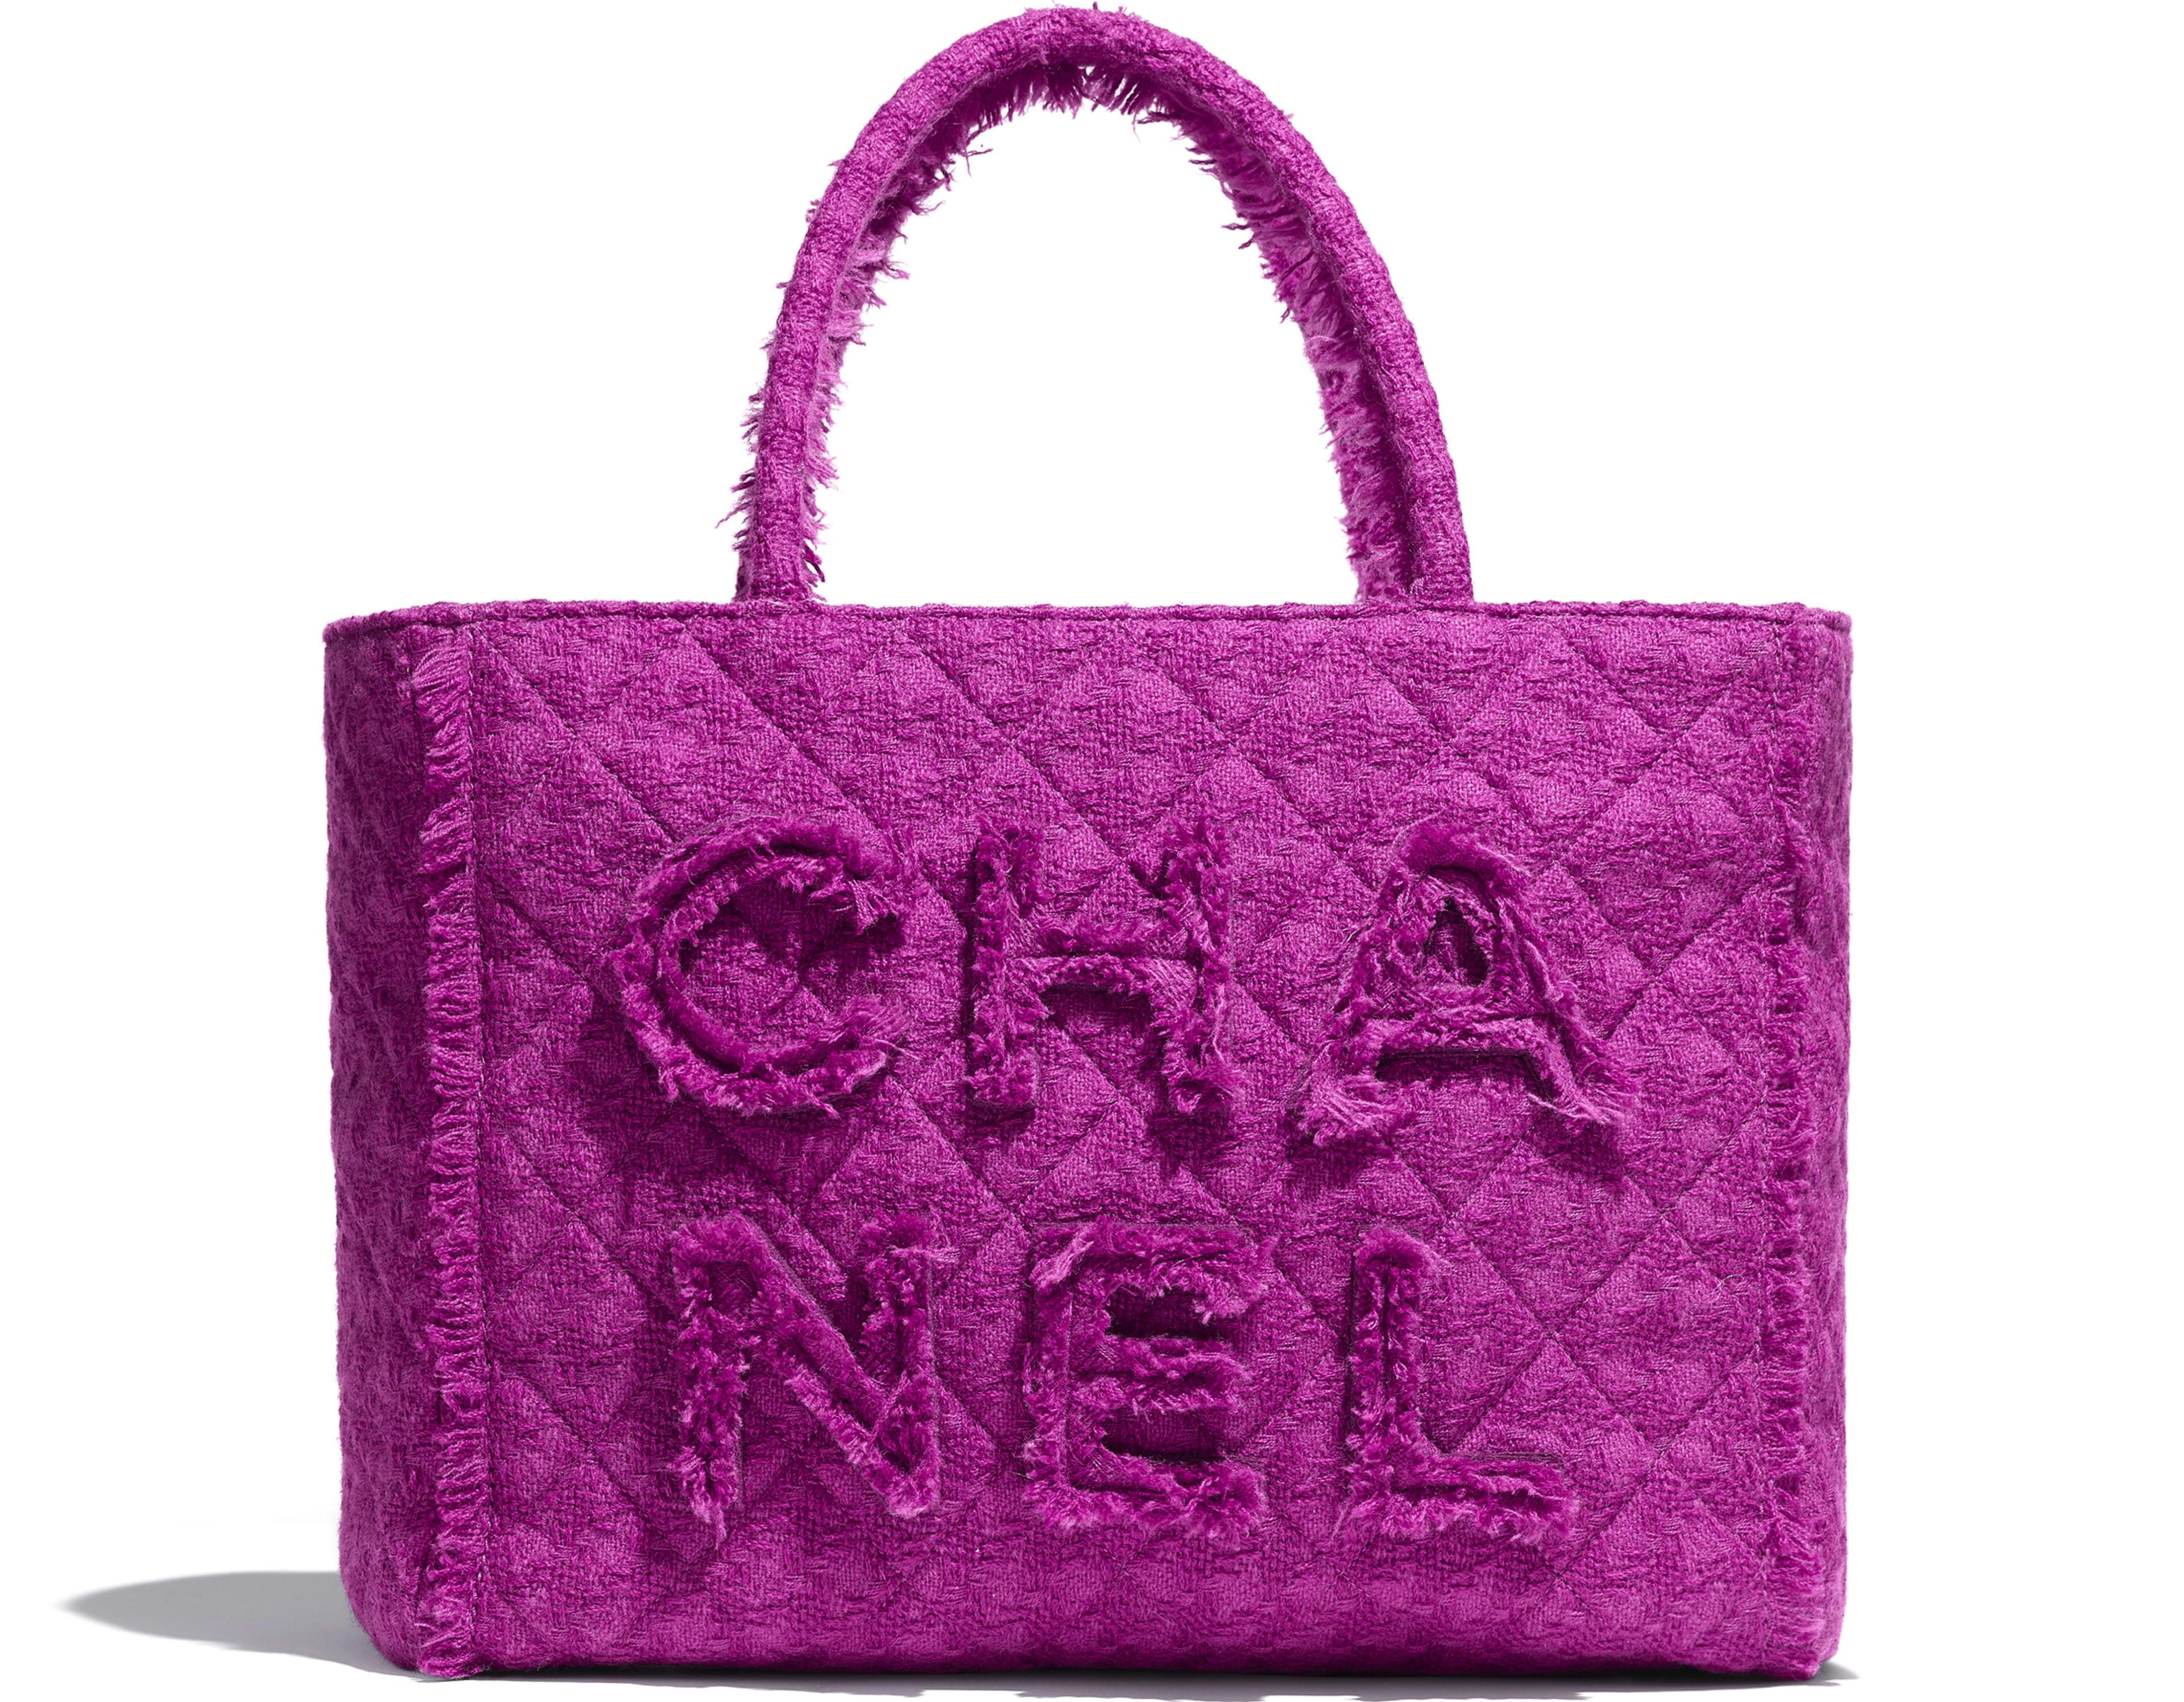 Wool Tweed Gold Tone Metal Pink Large Zipped Ping Bag Chanel